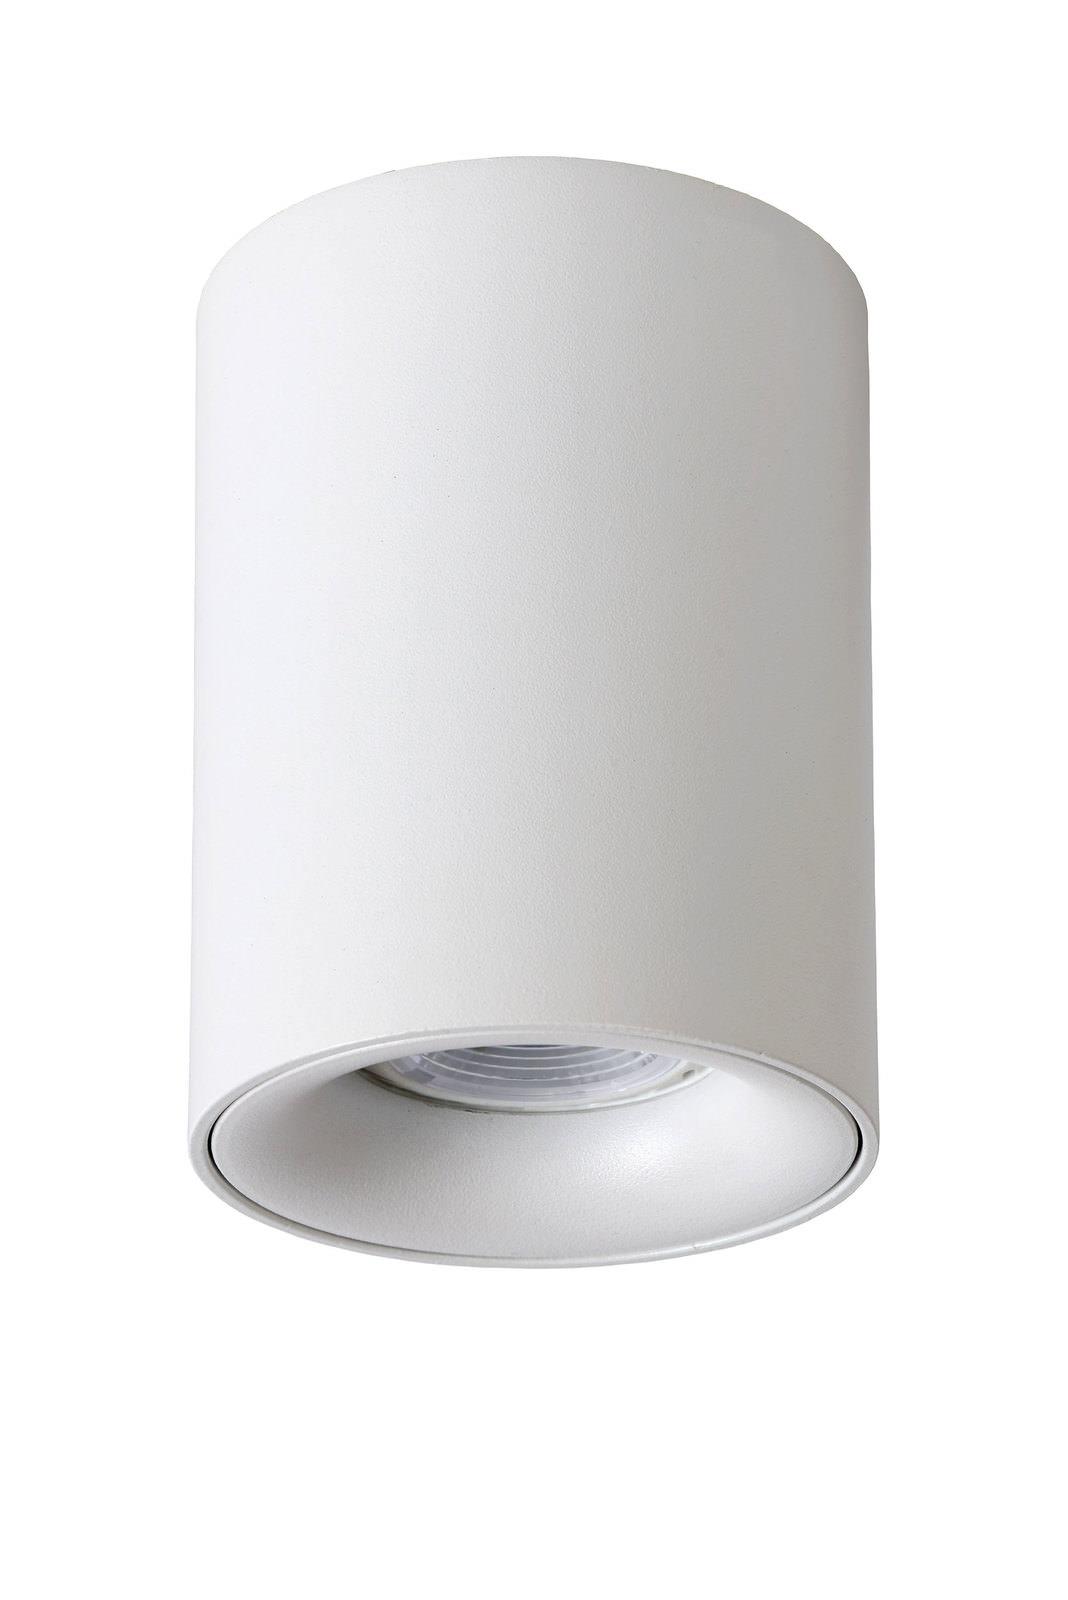 Lucide LED Spot 1flg online entdecken | Schaffrath - Ihr Möbelhaus